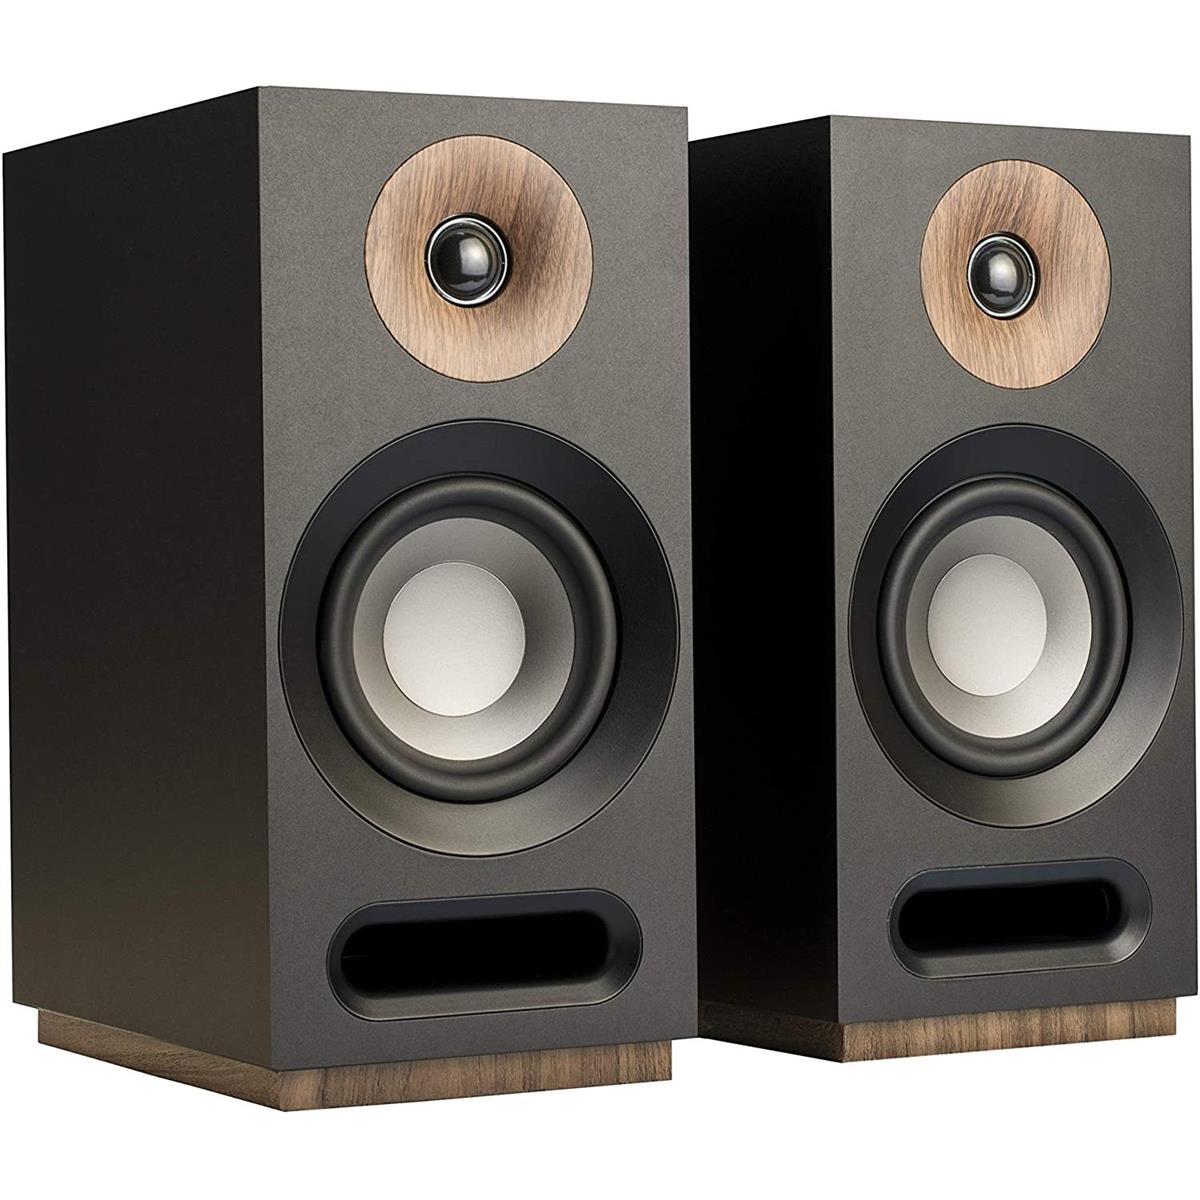 Jamo S 803 Dolby Atmos Bookshelf Speakers, Black, Pair $109